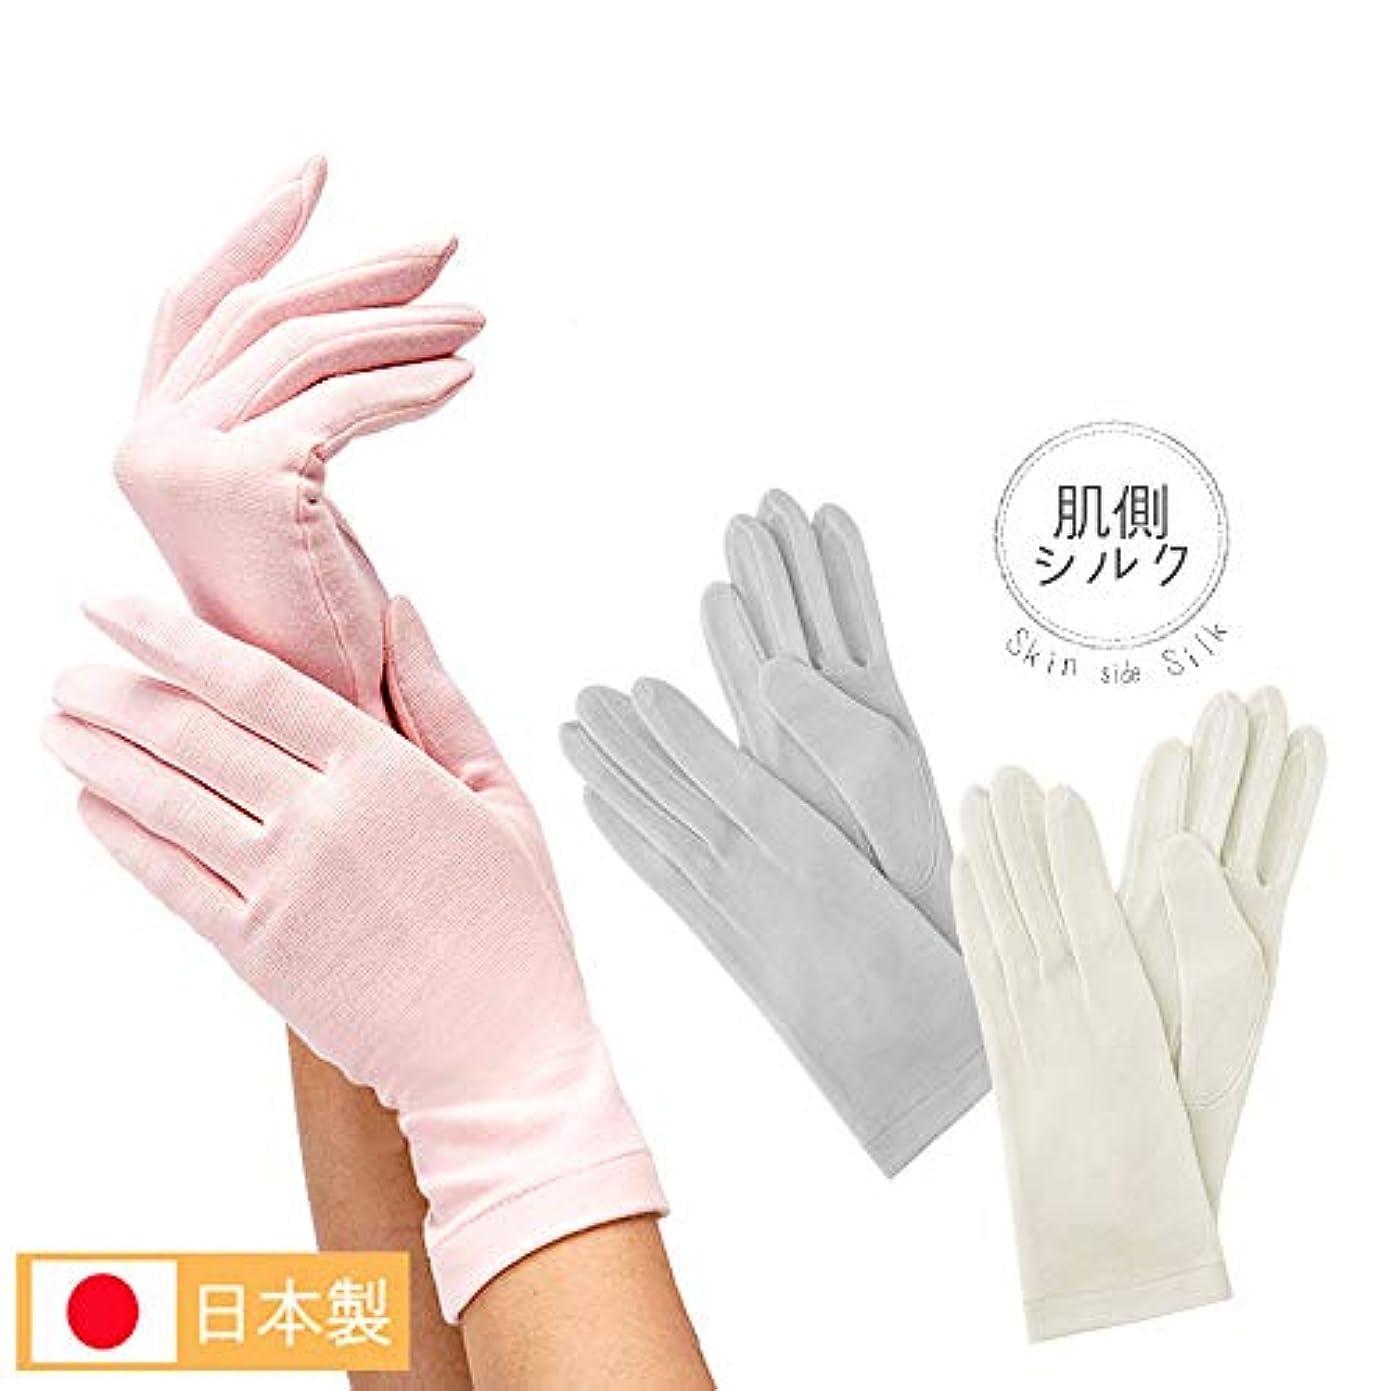 分析する半径一次G12-0071_IV 就寝用 裏シルクうるおい手袋 あったか 薄い 手荒れ ハンドケア 保湿 レディース 女性 おやすみ 寝るとき 日本製 アイボリー